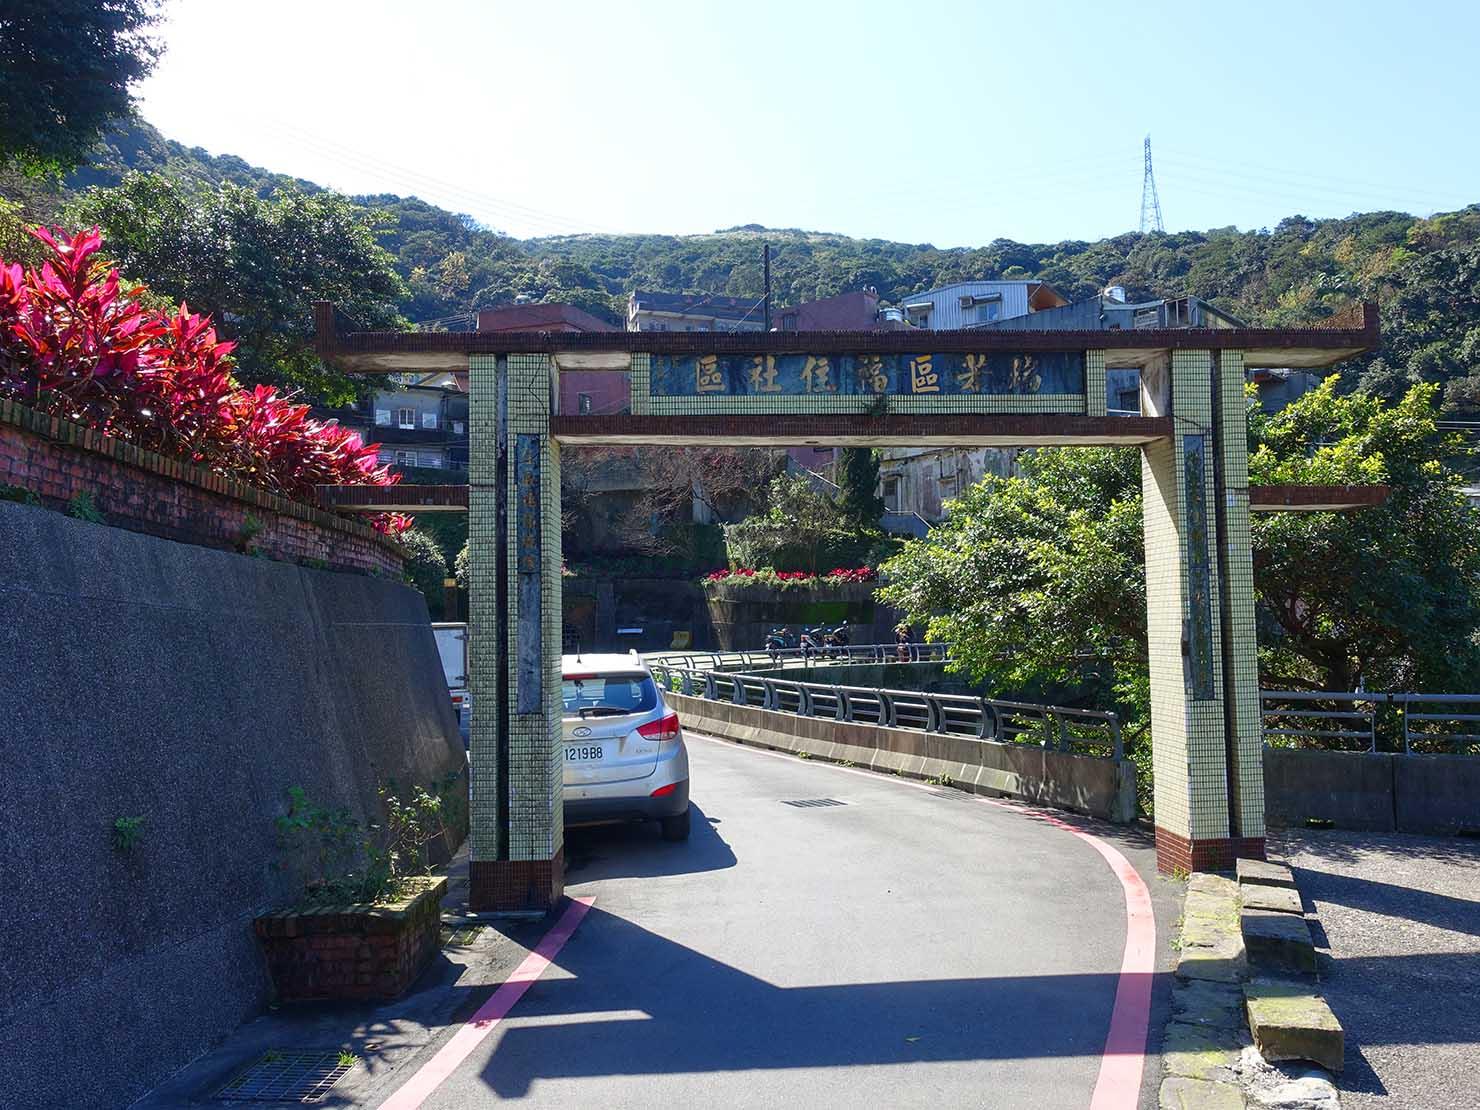 台北・九份の輕便路にある福住社區への門